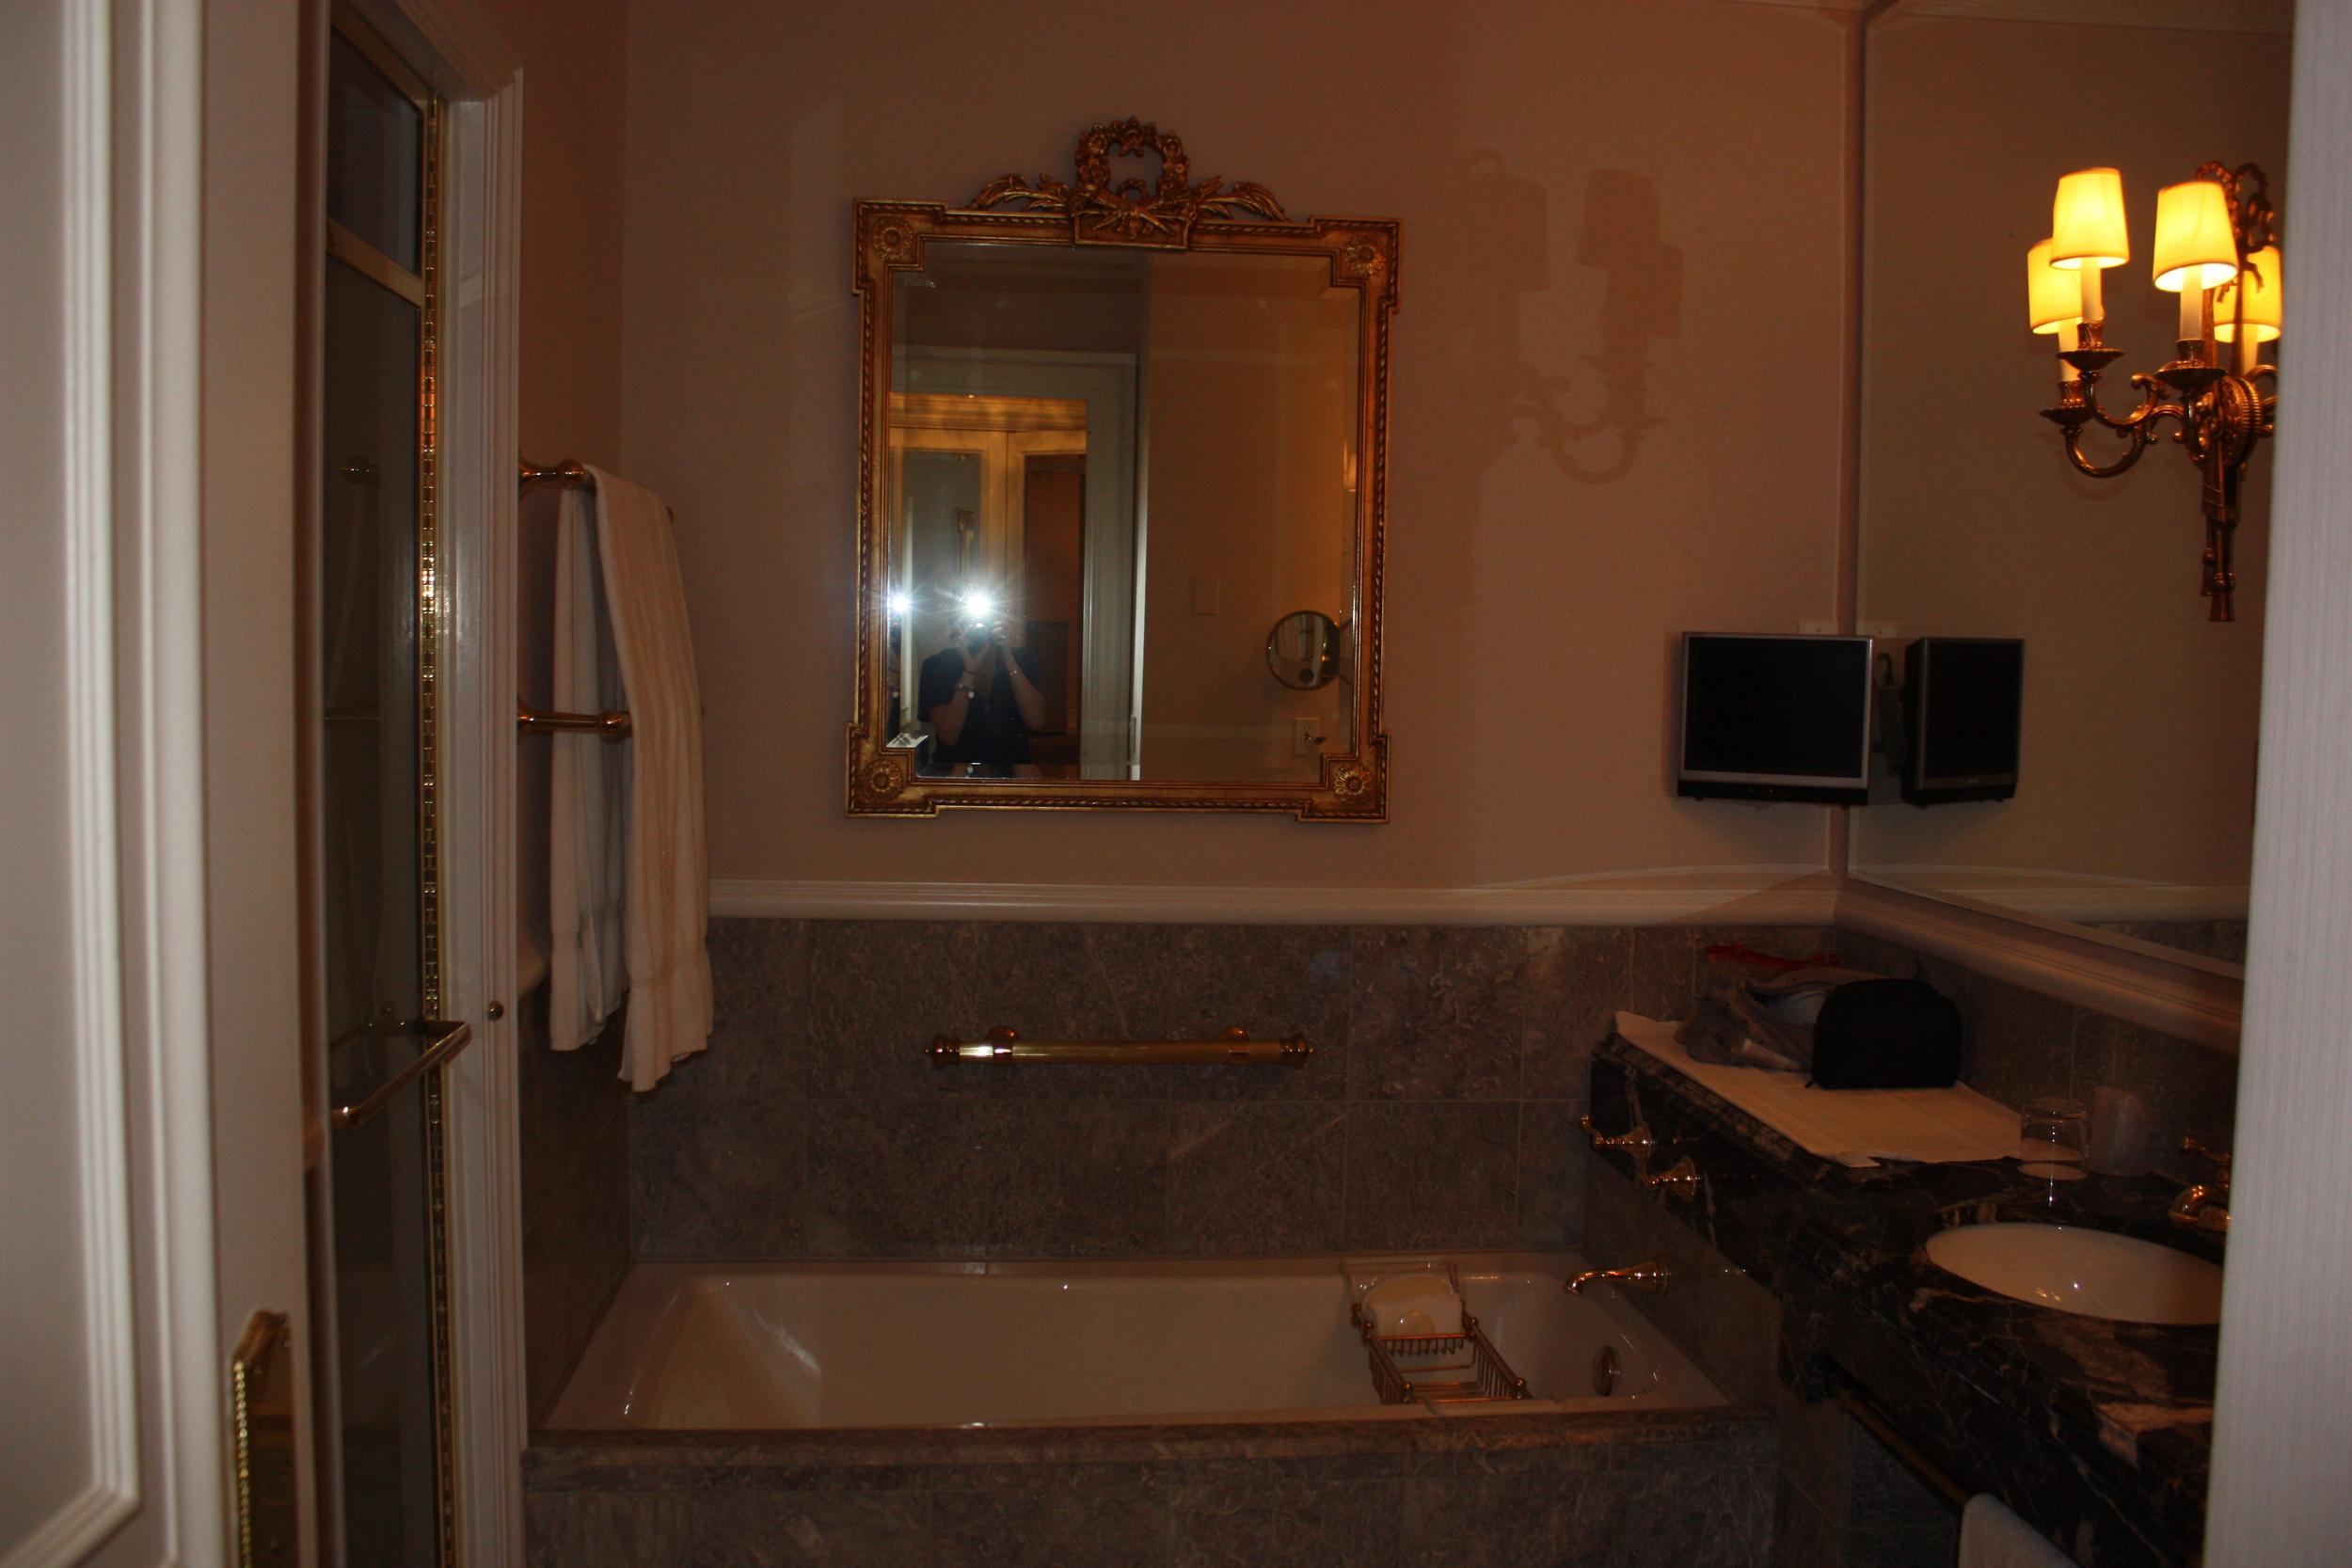 St Regis Bedroom 1